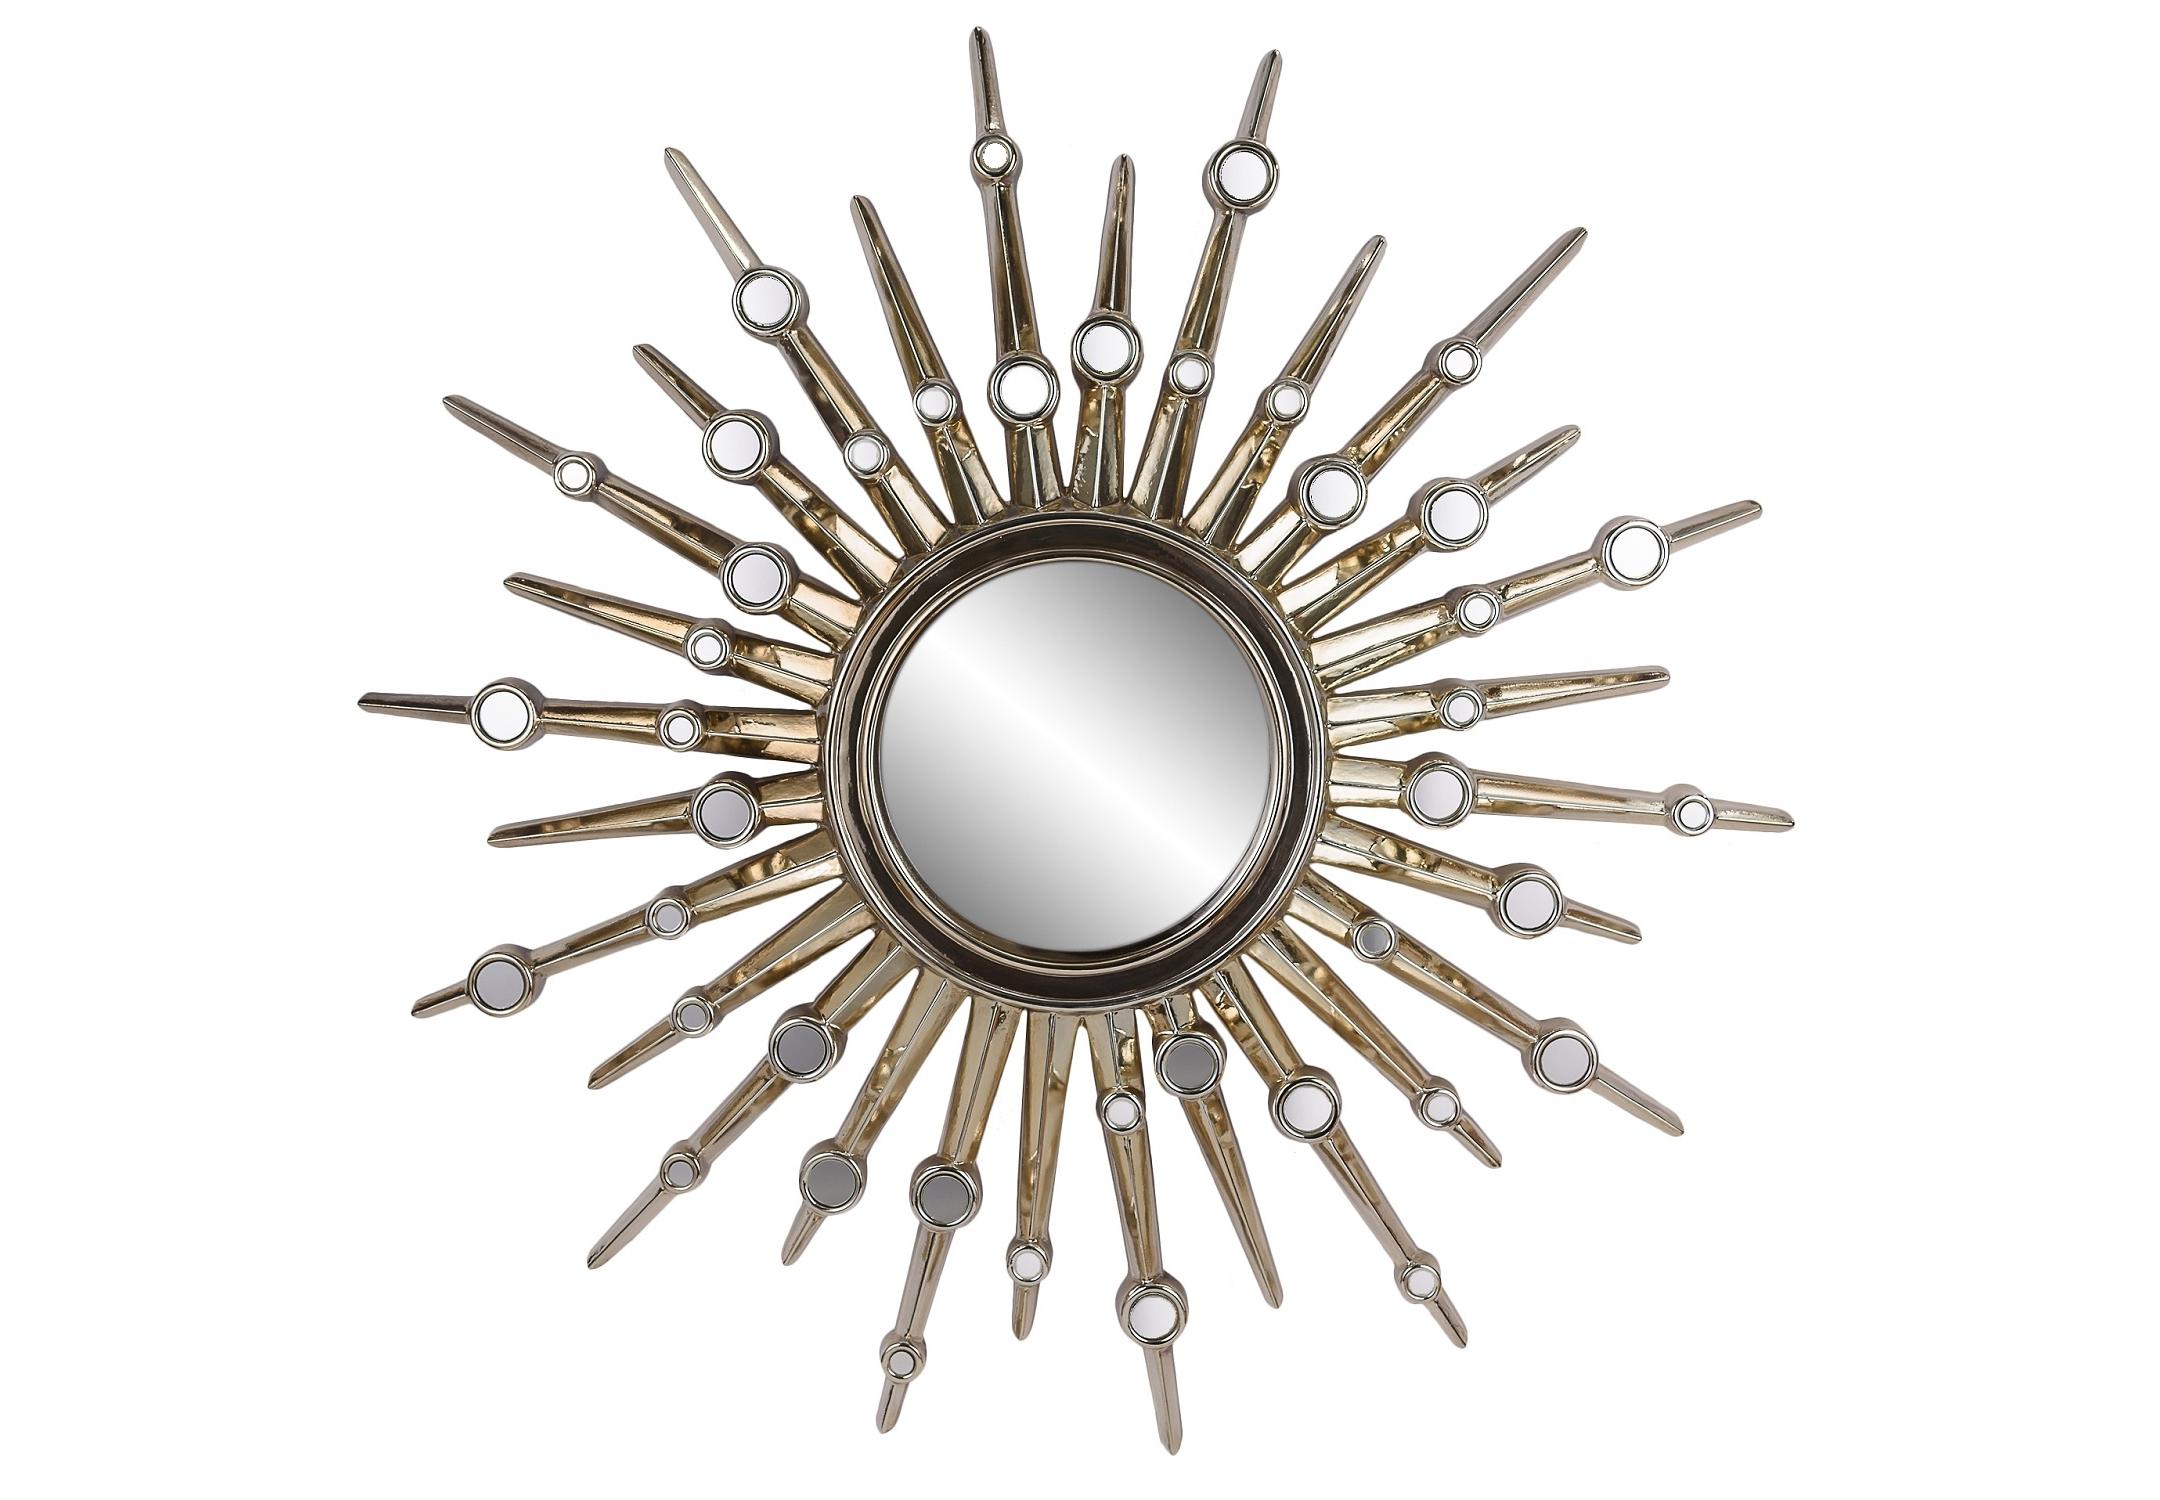 Зеркало-солнце в раме Nova Chrome PlatingНастенные зеркала<br><br><br>Material: Пластик<br>Width см: None<br>Depth см: 4<br>Height см: None<br>Diameter см: 104